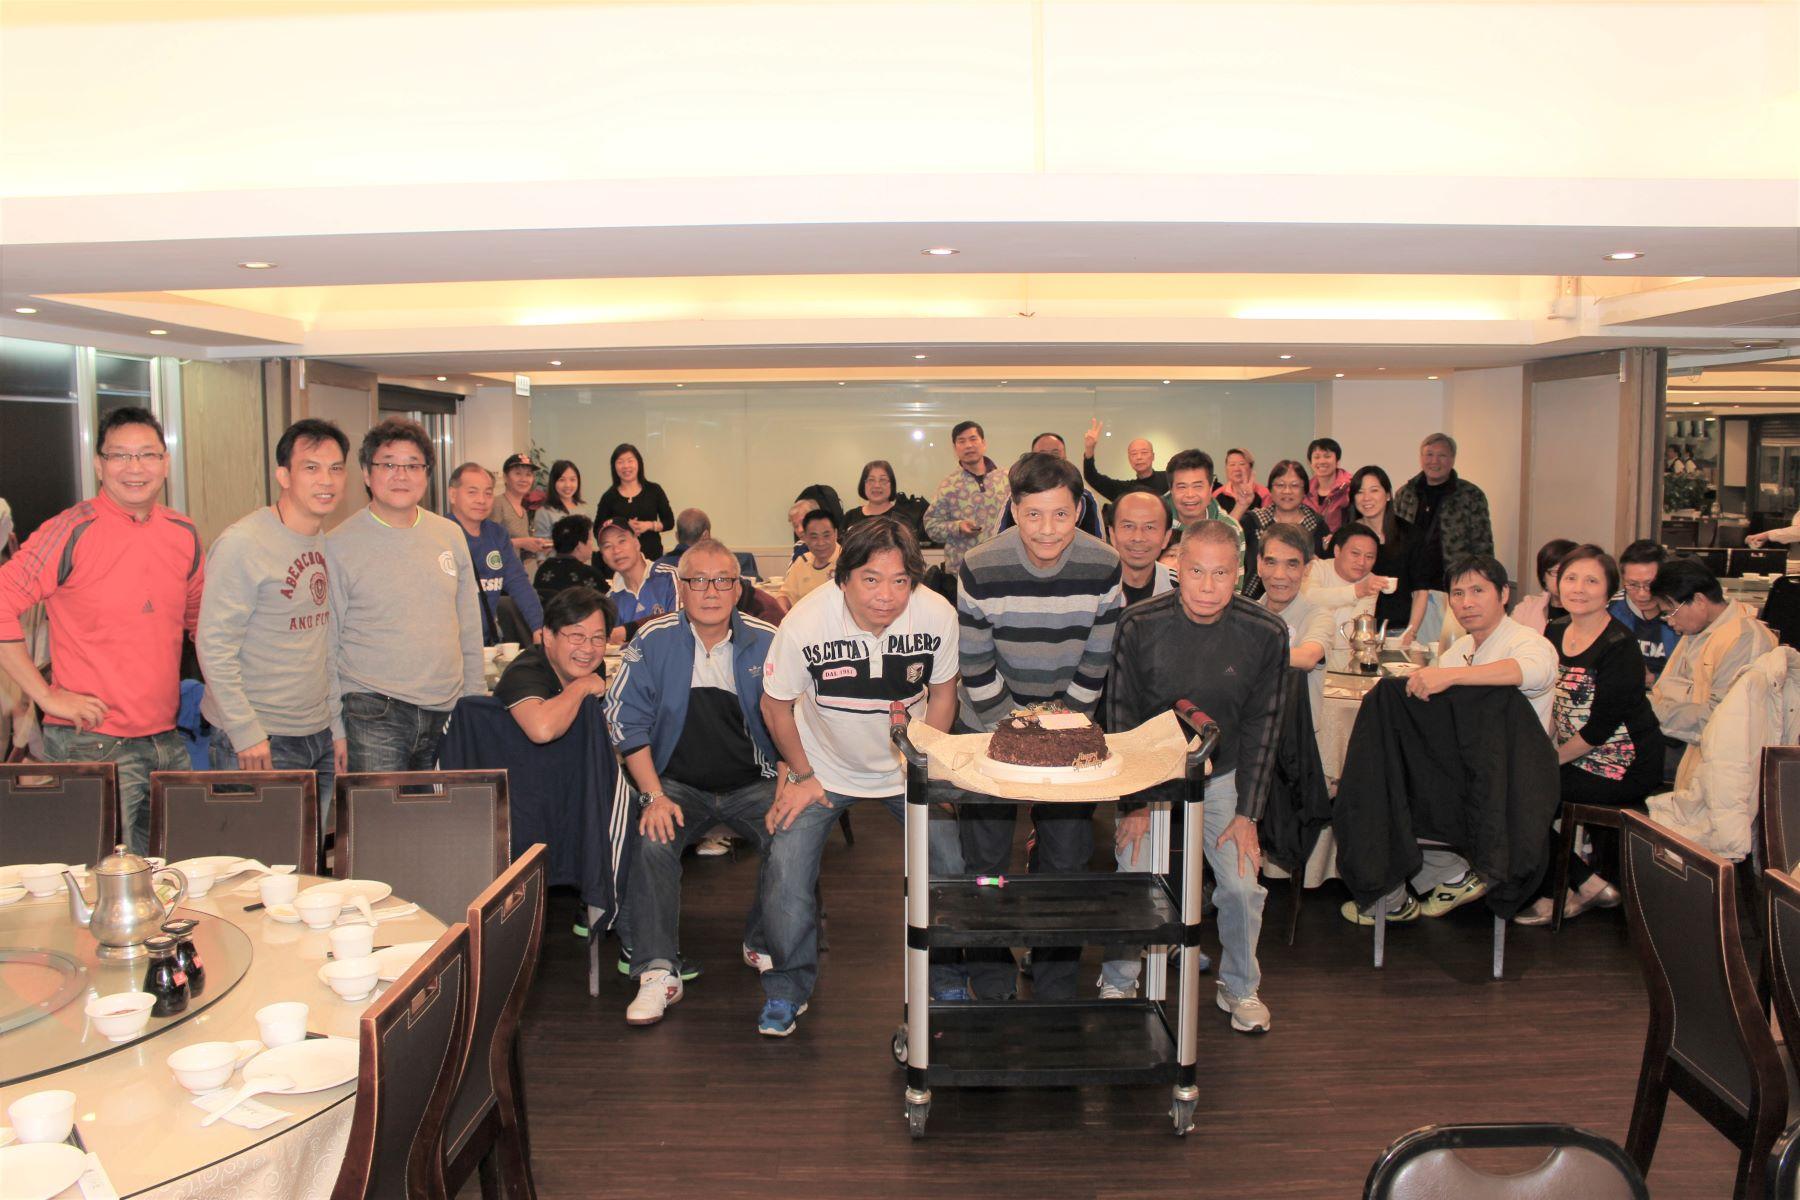 2014 12 13 球員會台灣之旅9